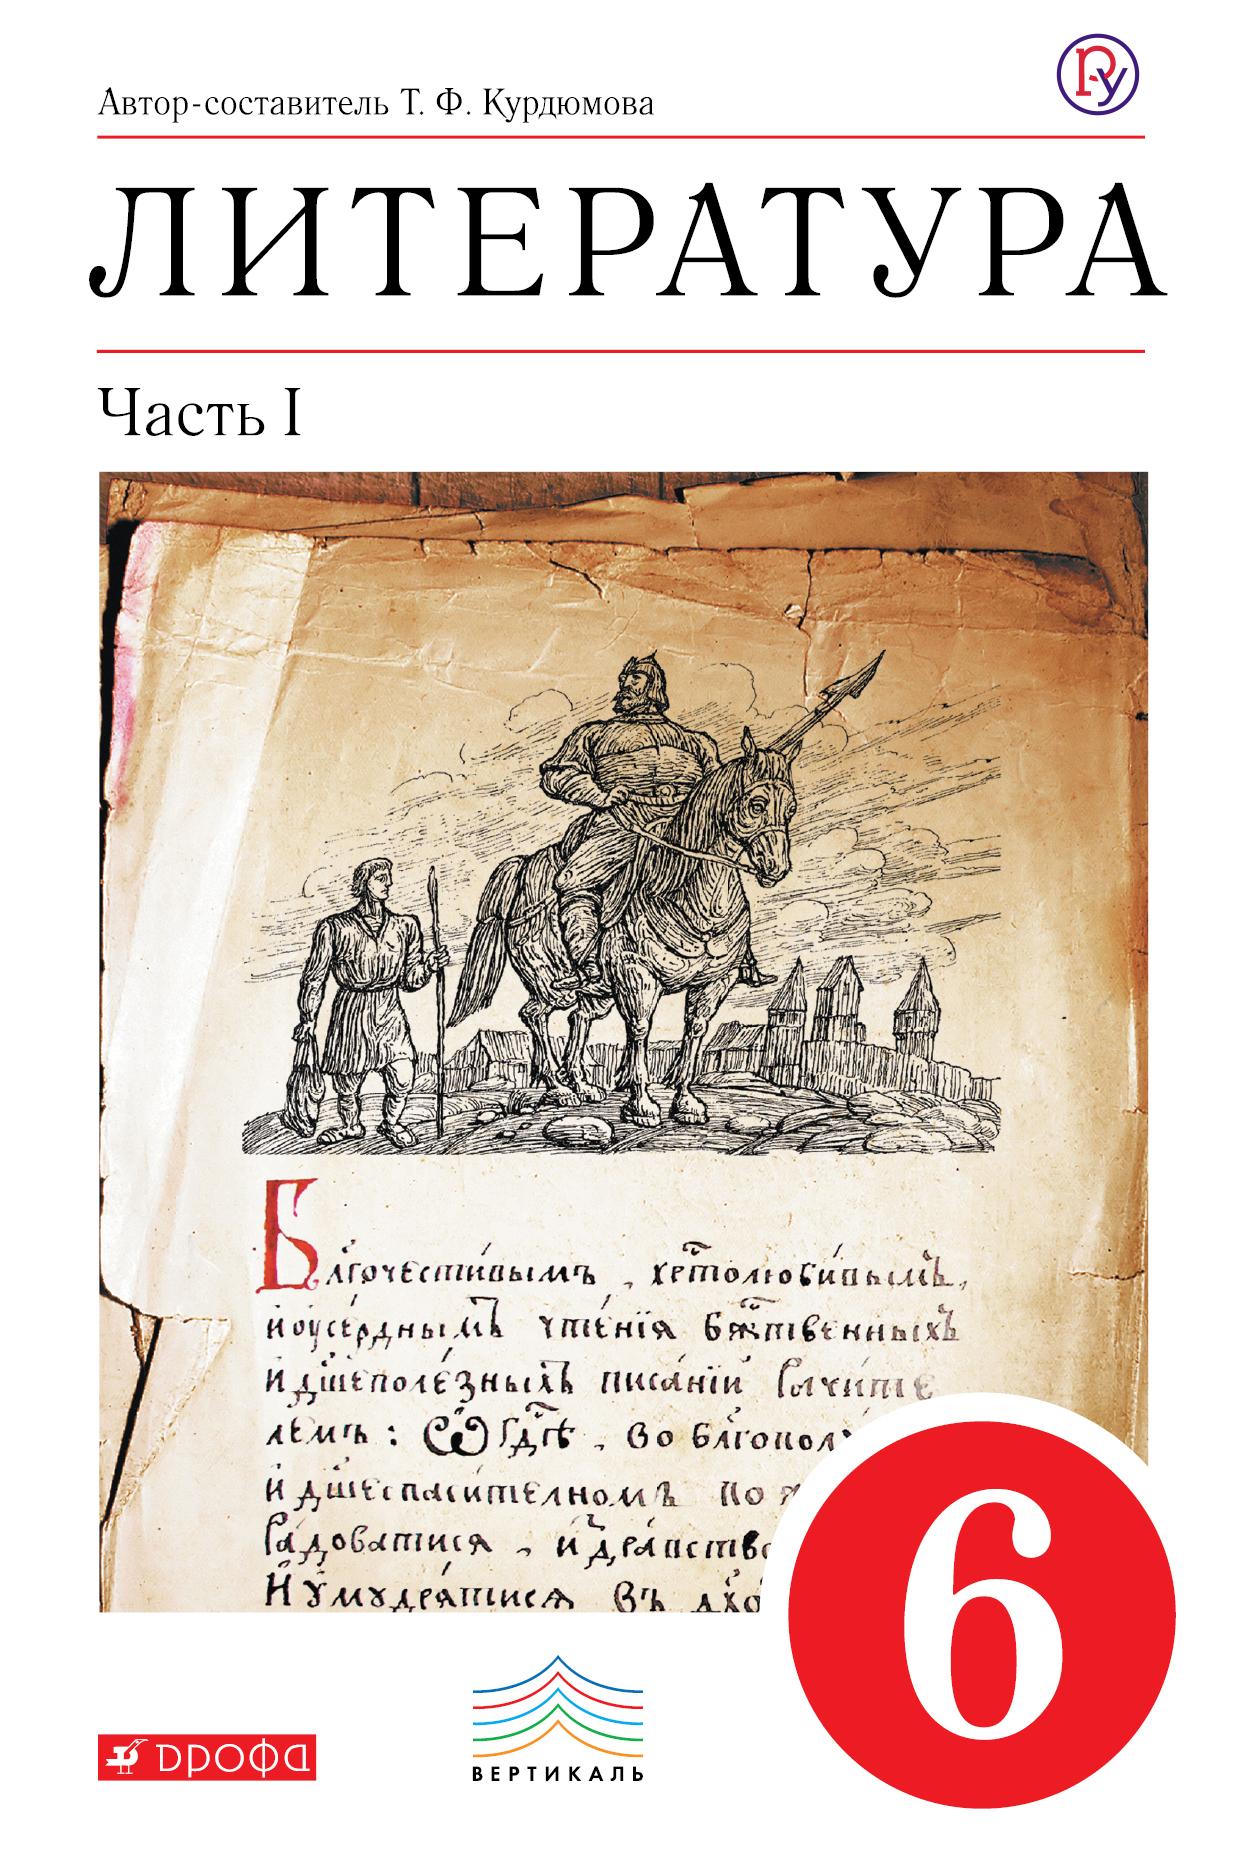 гдз по литературе курдюмова 1 часть